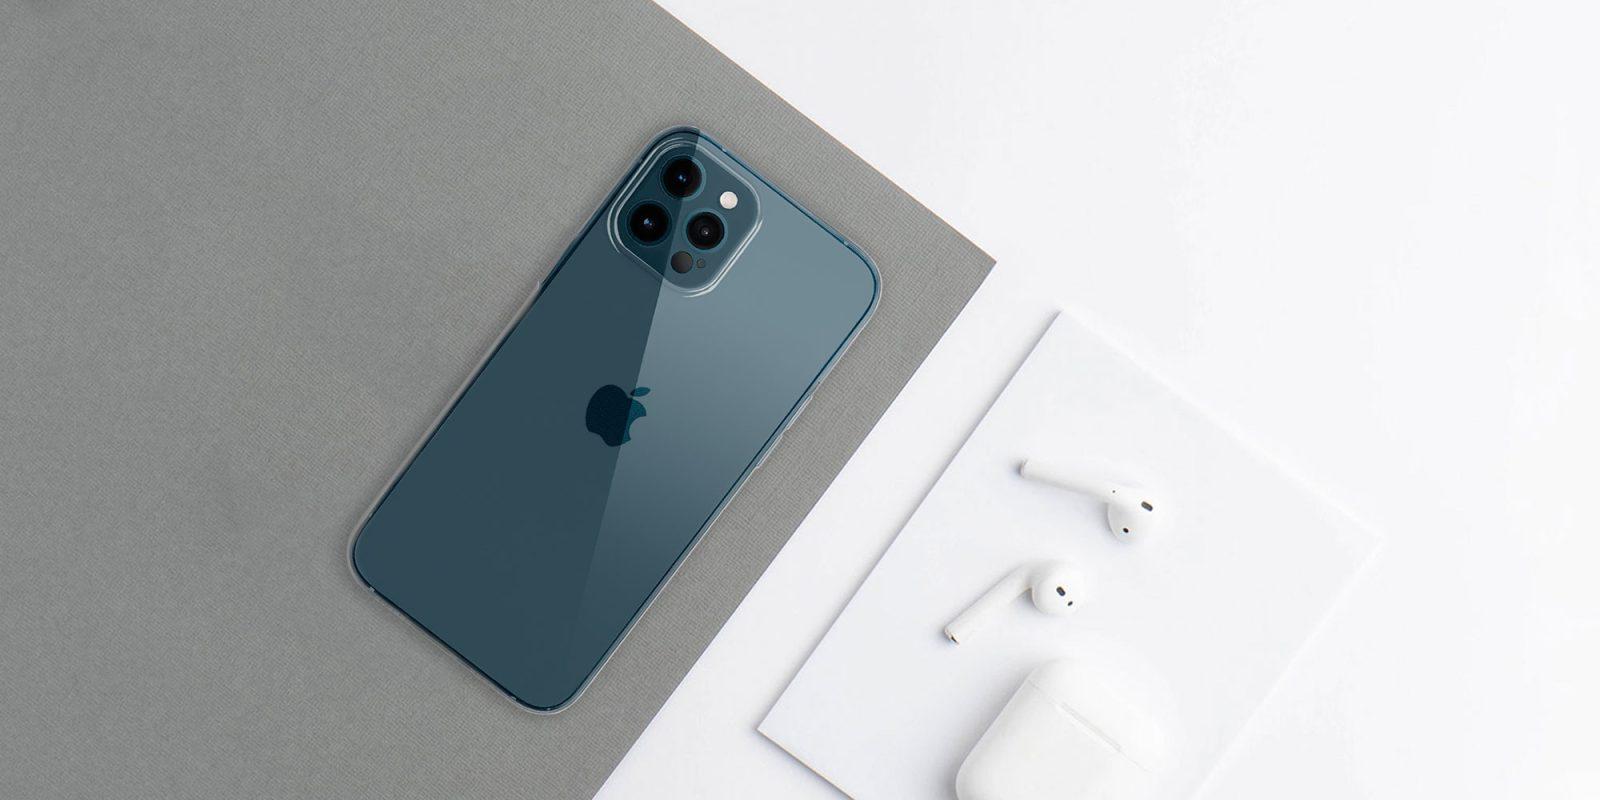 بعد الإعلان الرسمي المراجعة الكاملة لهاتف iPhone 12 Pro